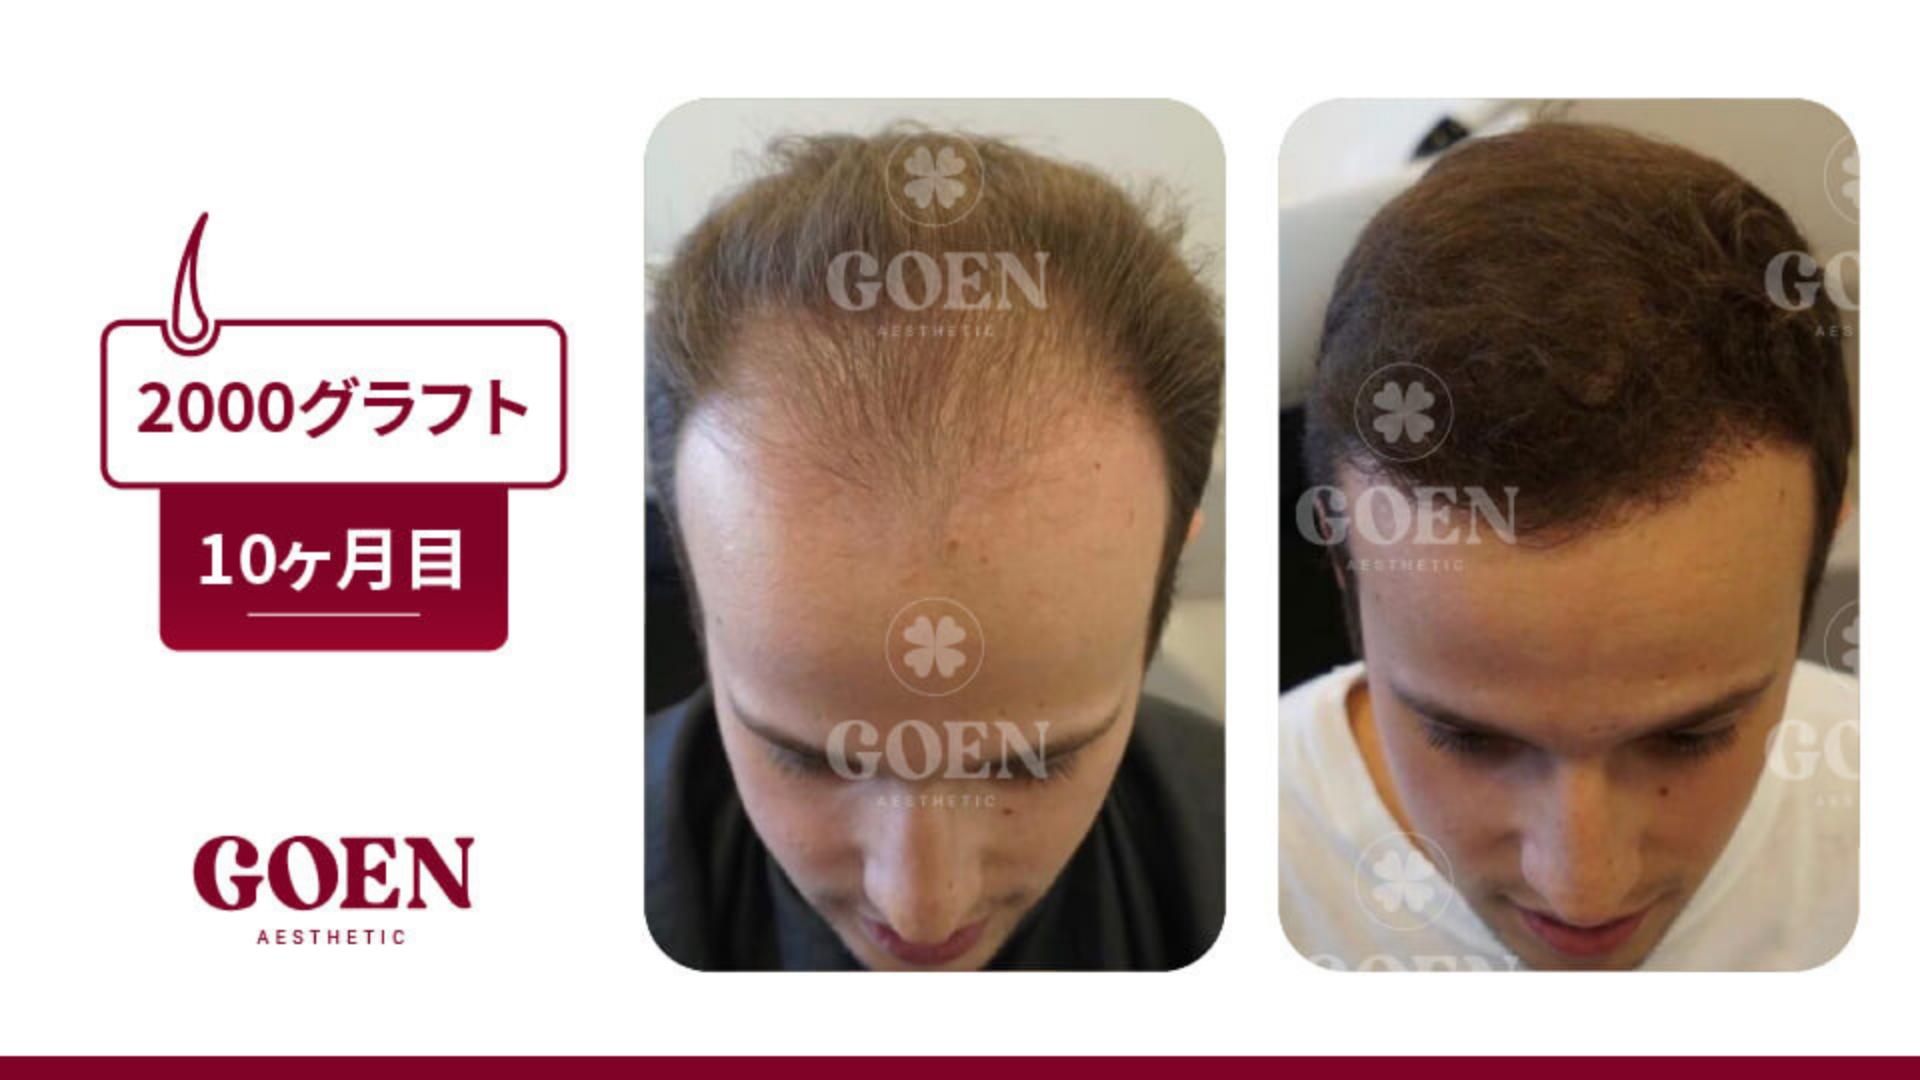 60万円のトルコ植毛がおすすめの理由④安心の一年アフターサポート